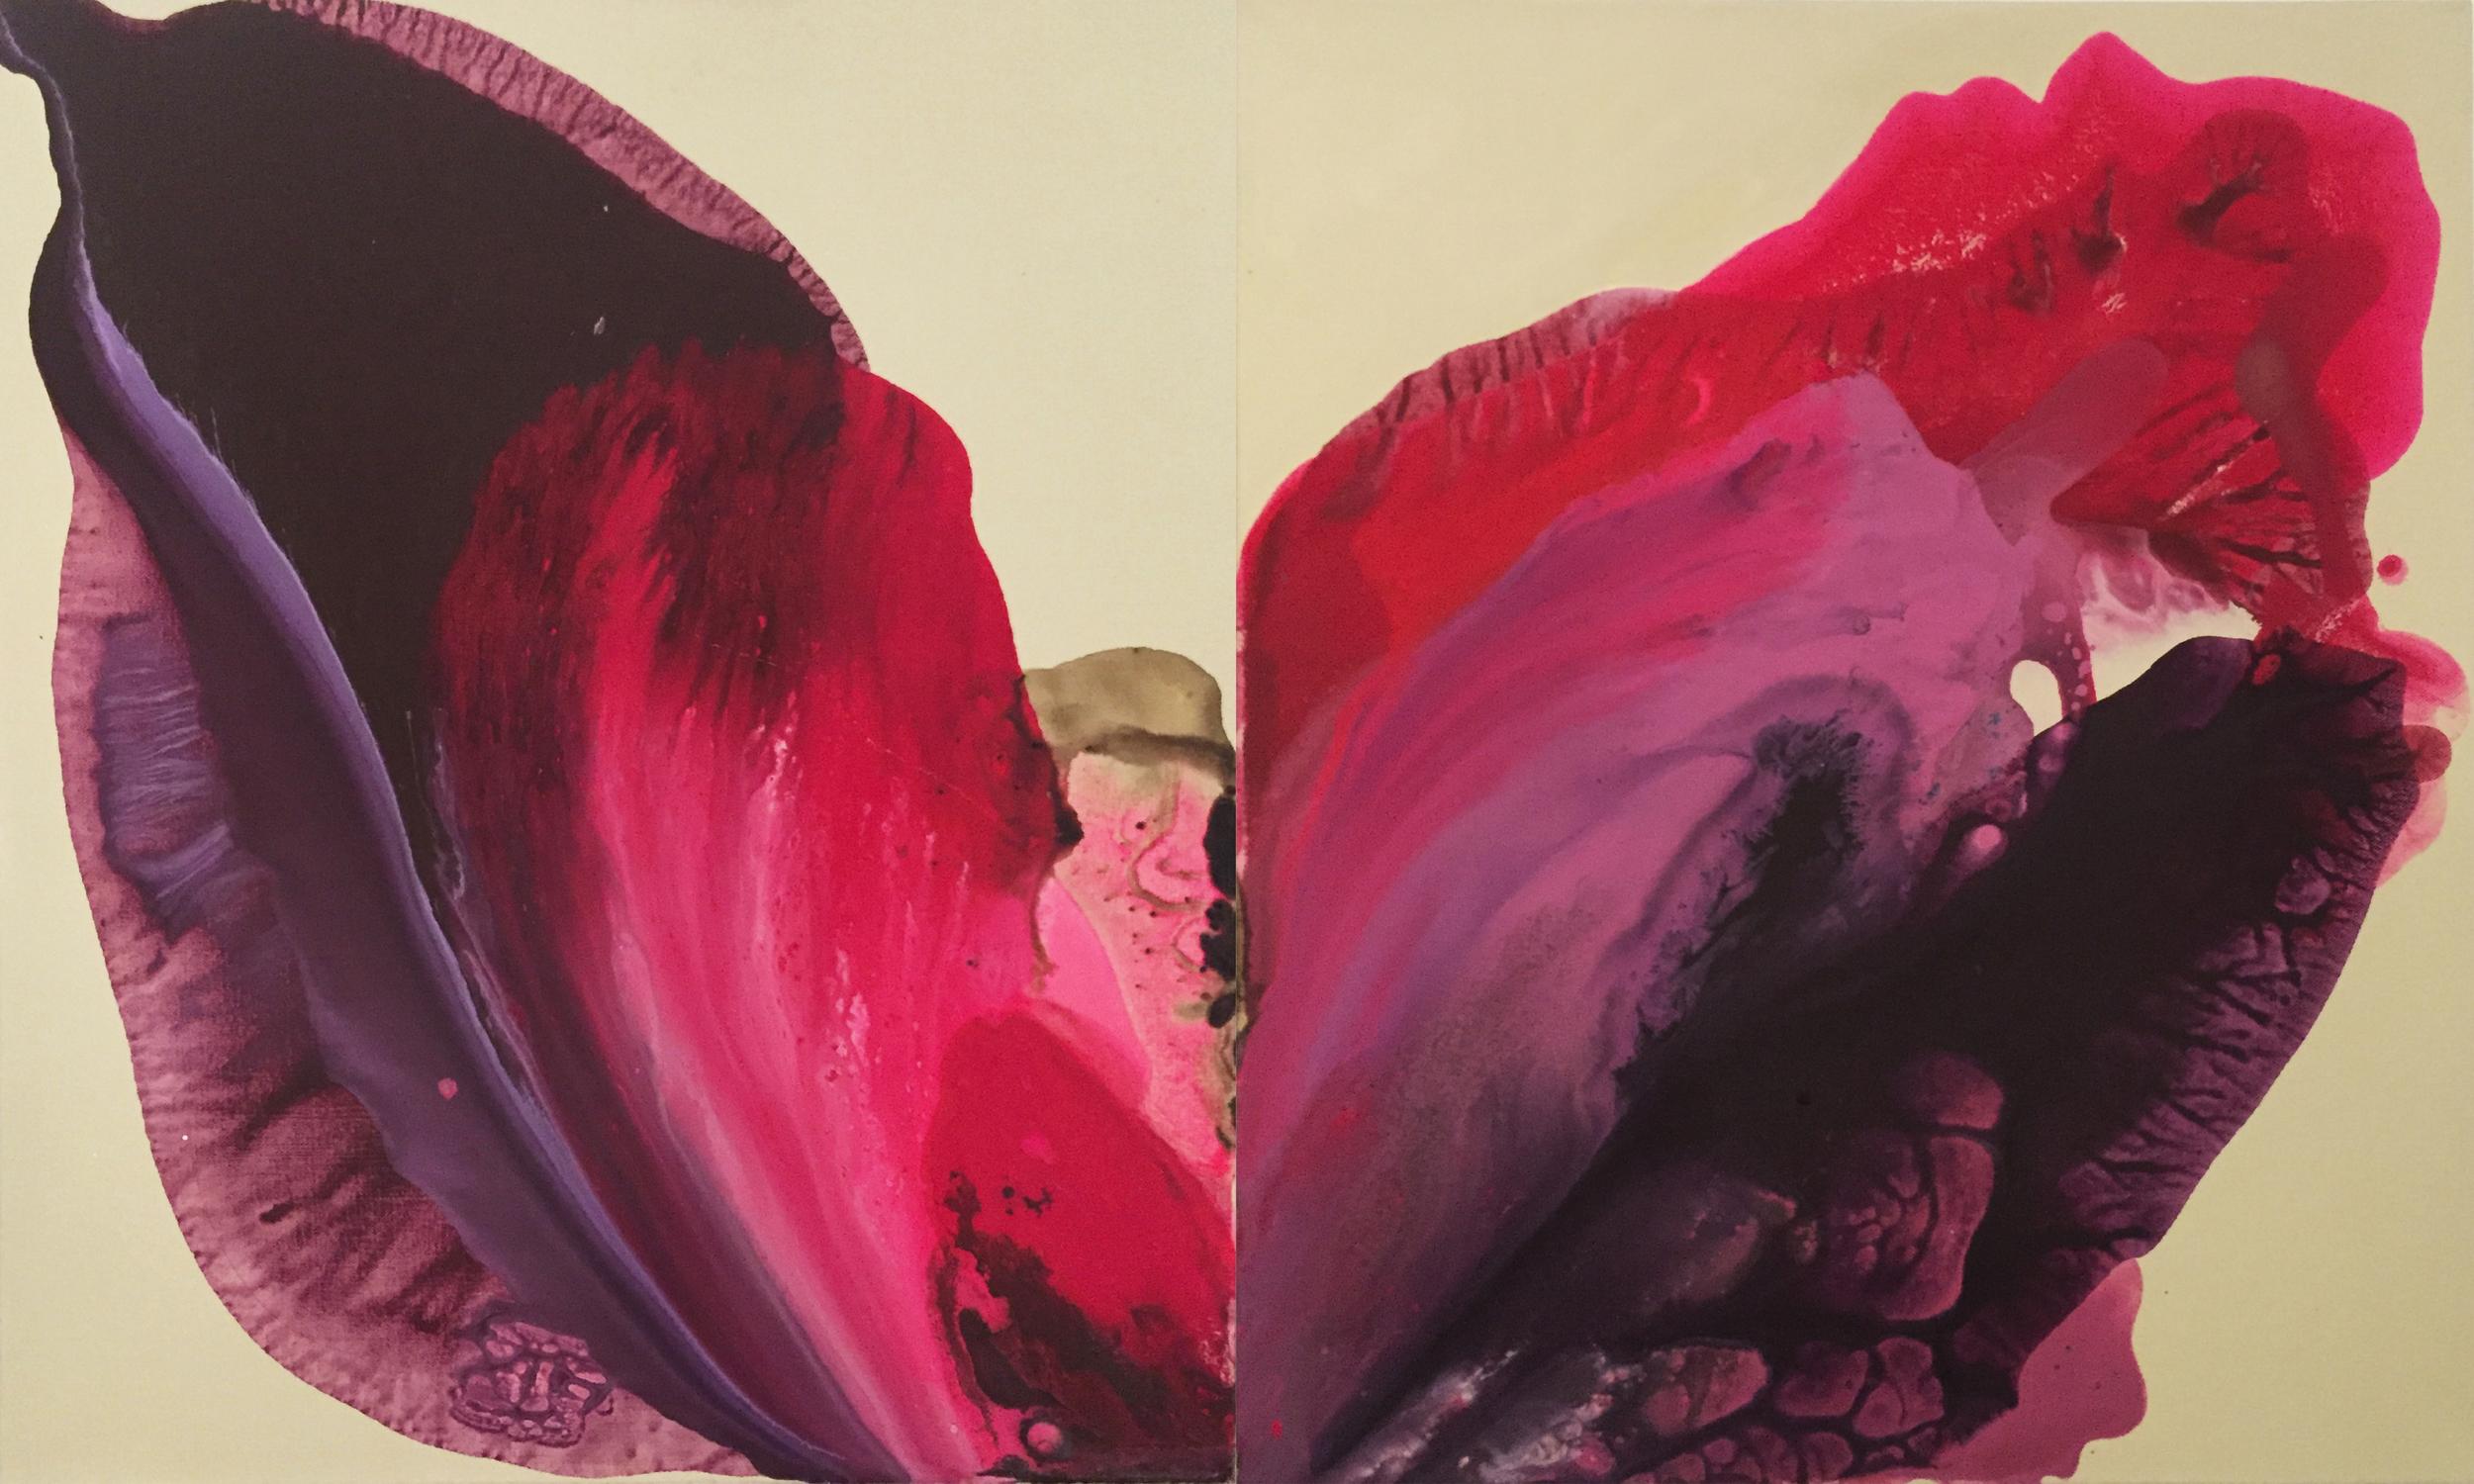 figure_11  acrylic on canvas   120 cm X 73 cm    2015